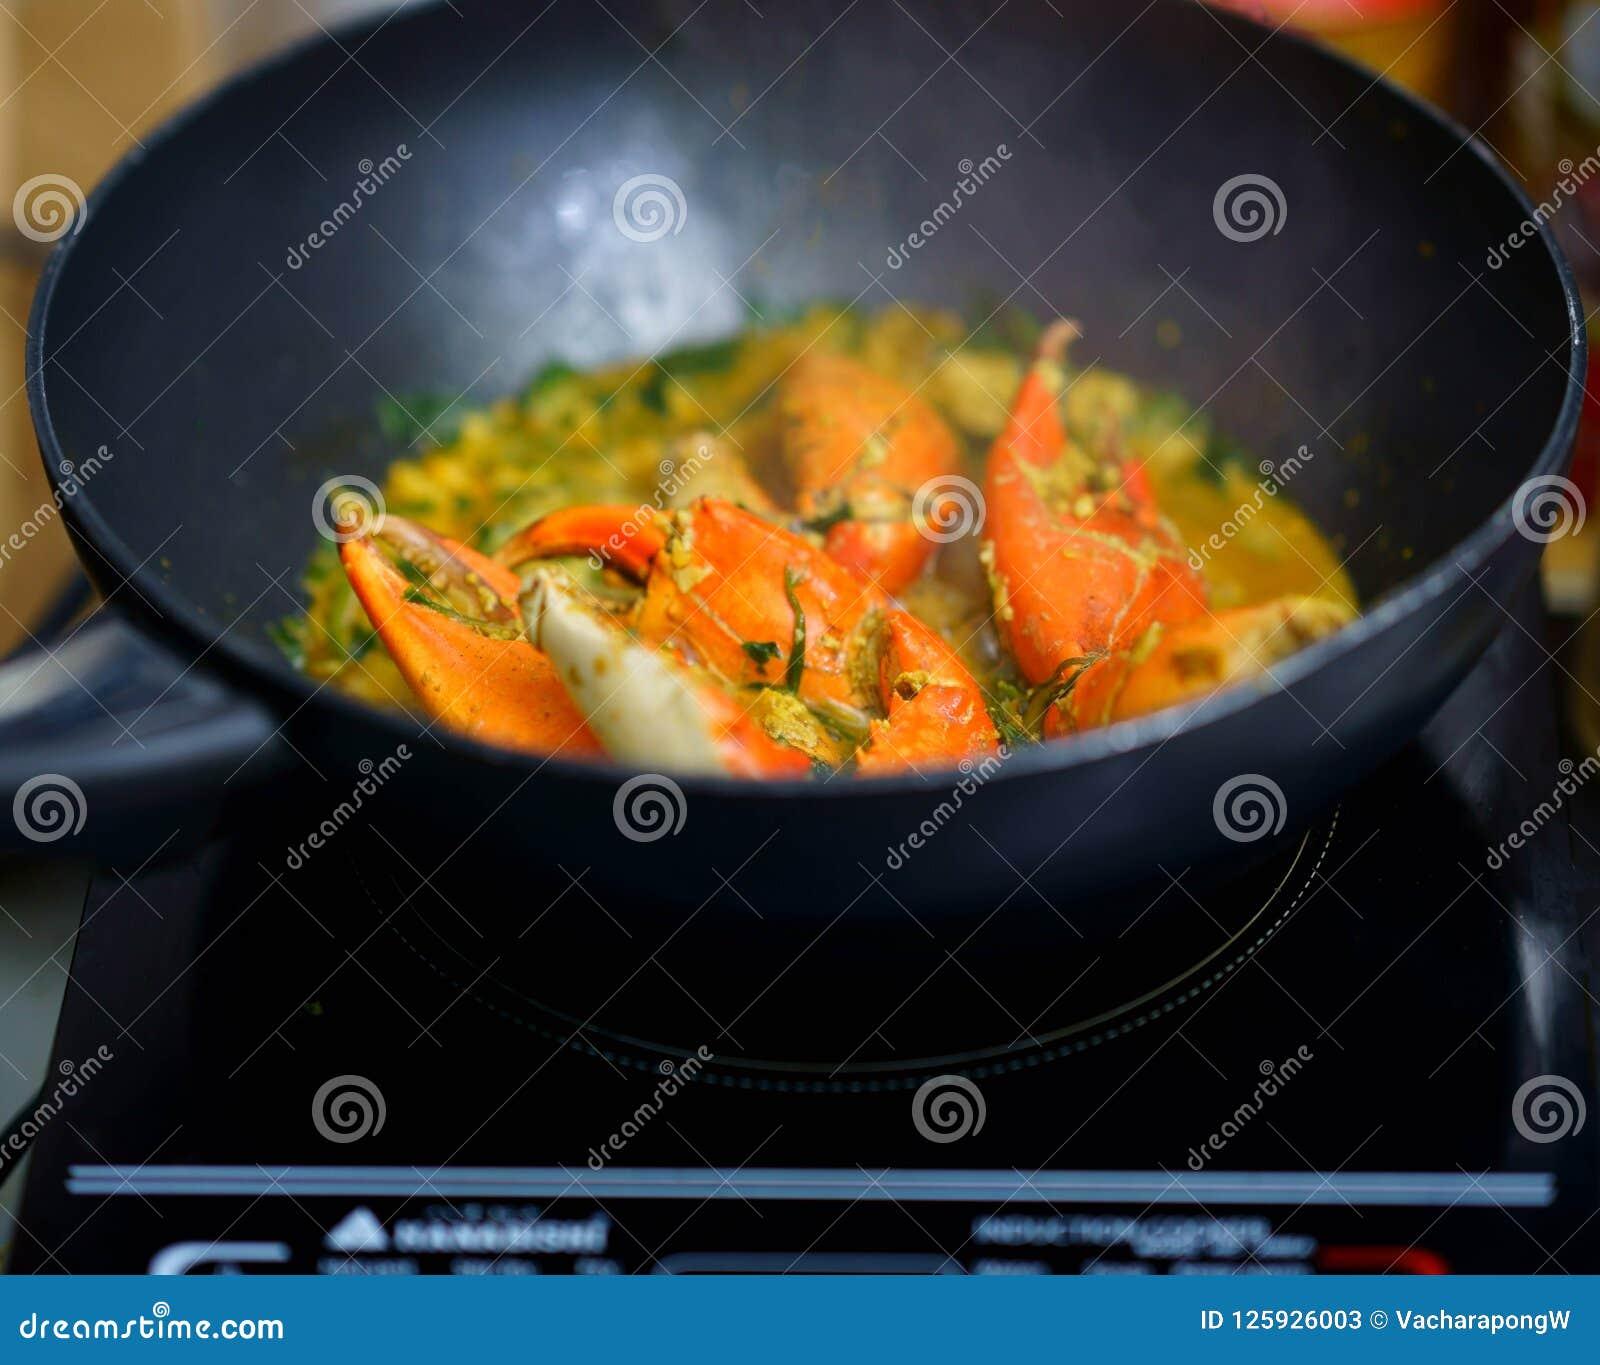 Caranguejos fritados com caril no cozimento da bandeja